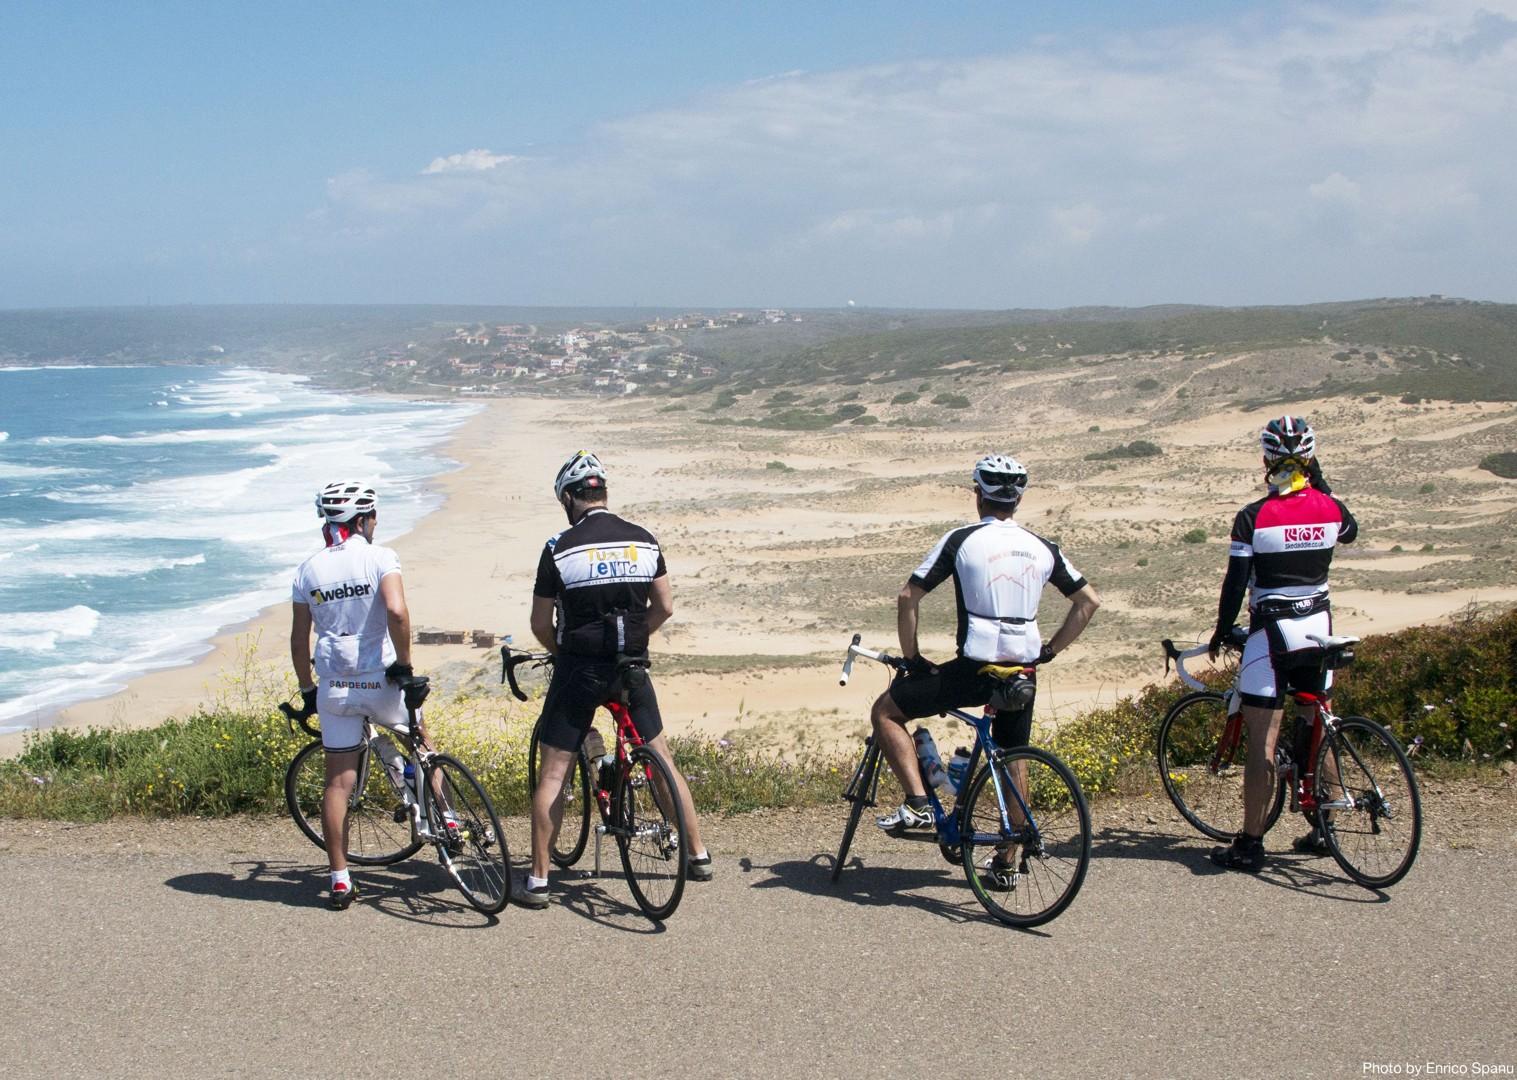 Road-Cycling-Holiday-Italy-Sardinia-Coastal-Explorer-Nebida.jpg - Italy - Net Trade Rate - Coastal TranSardinia - Self-Guided Road Cycling Holiday - Italia Road Cycling